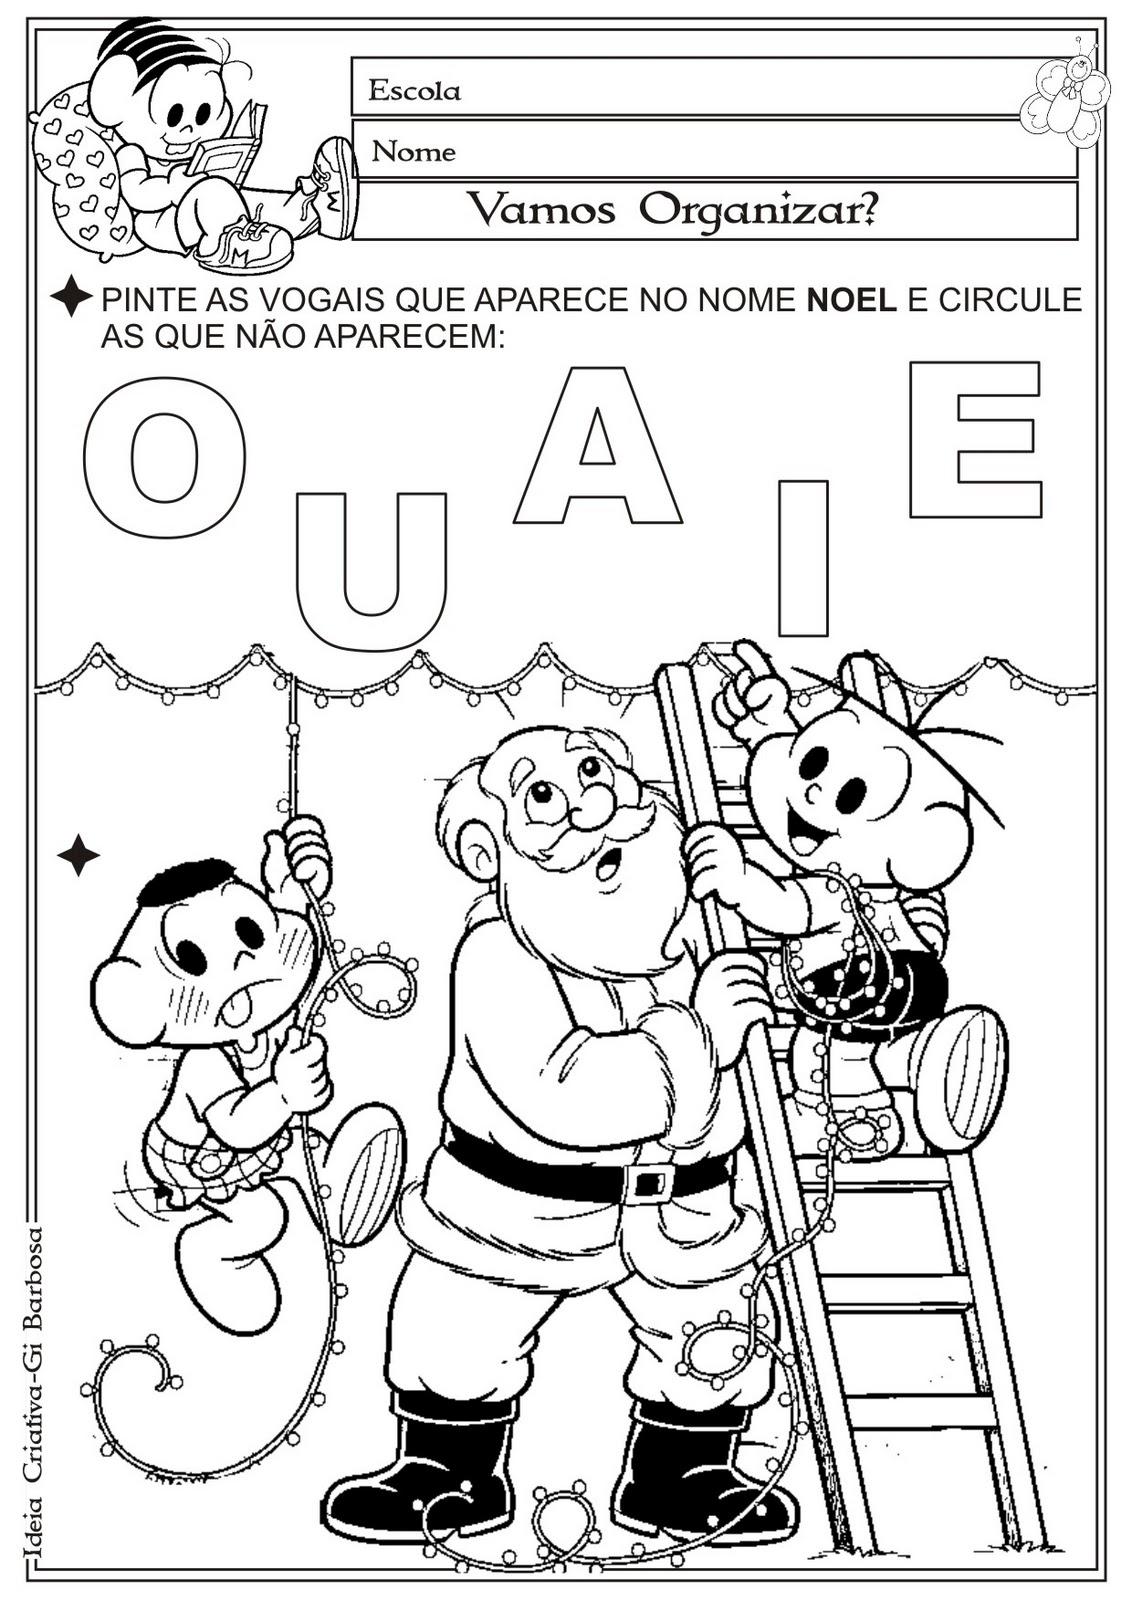 Fabuloso Atividade Vogais Natal | Ideia Criativa - Gi Barbosa Educação Infantil JT96